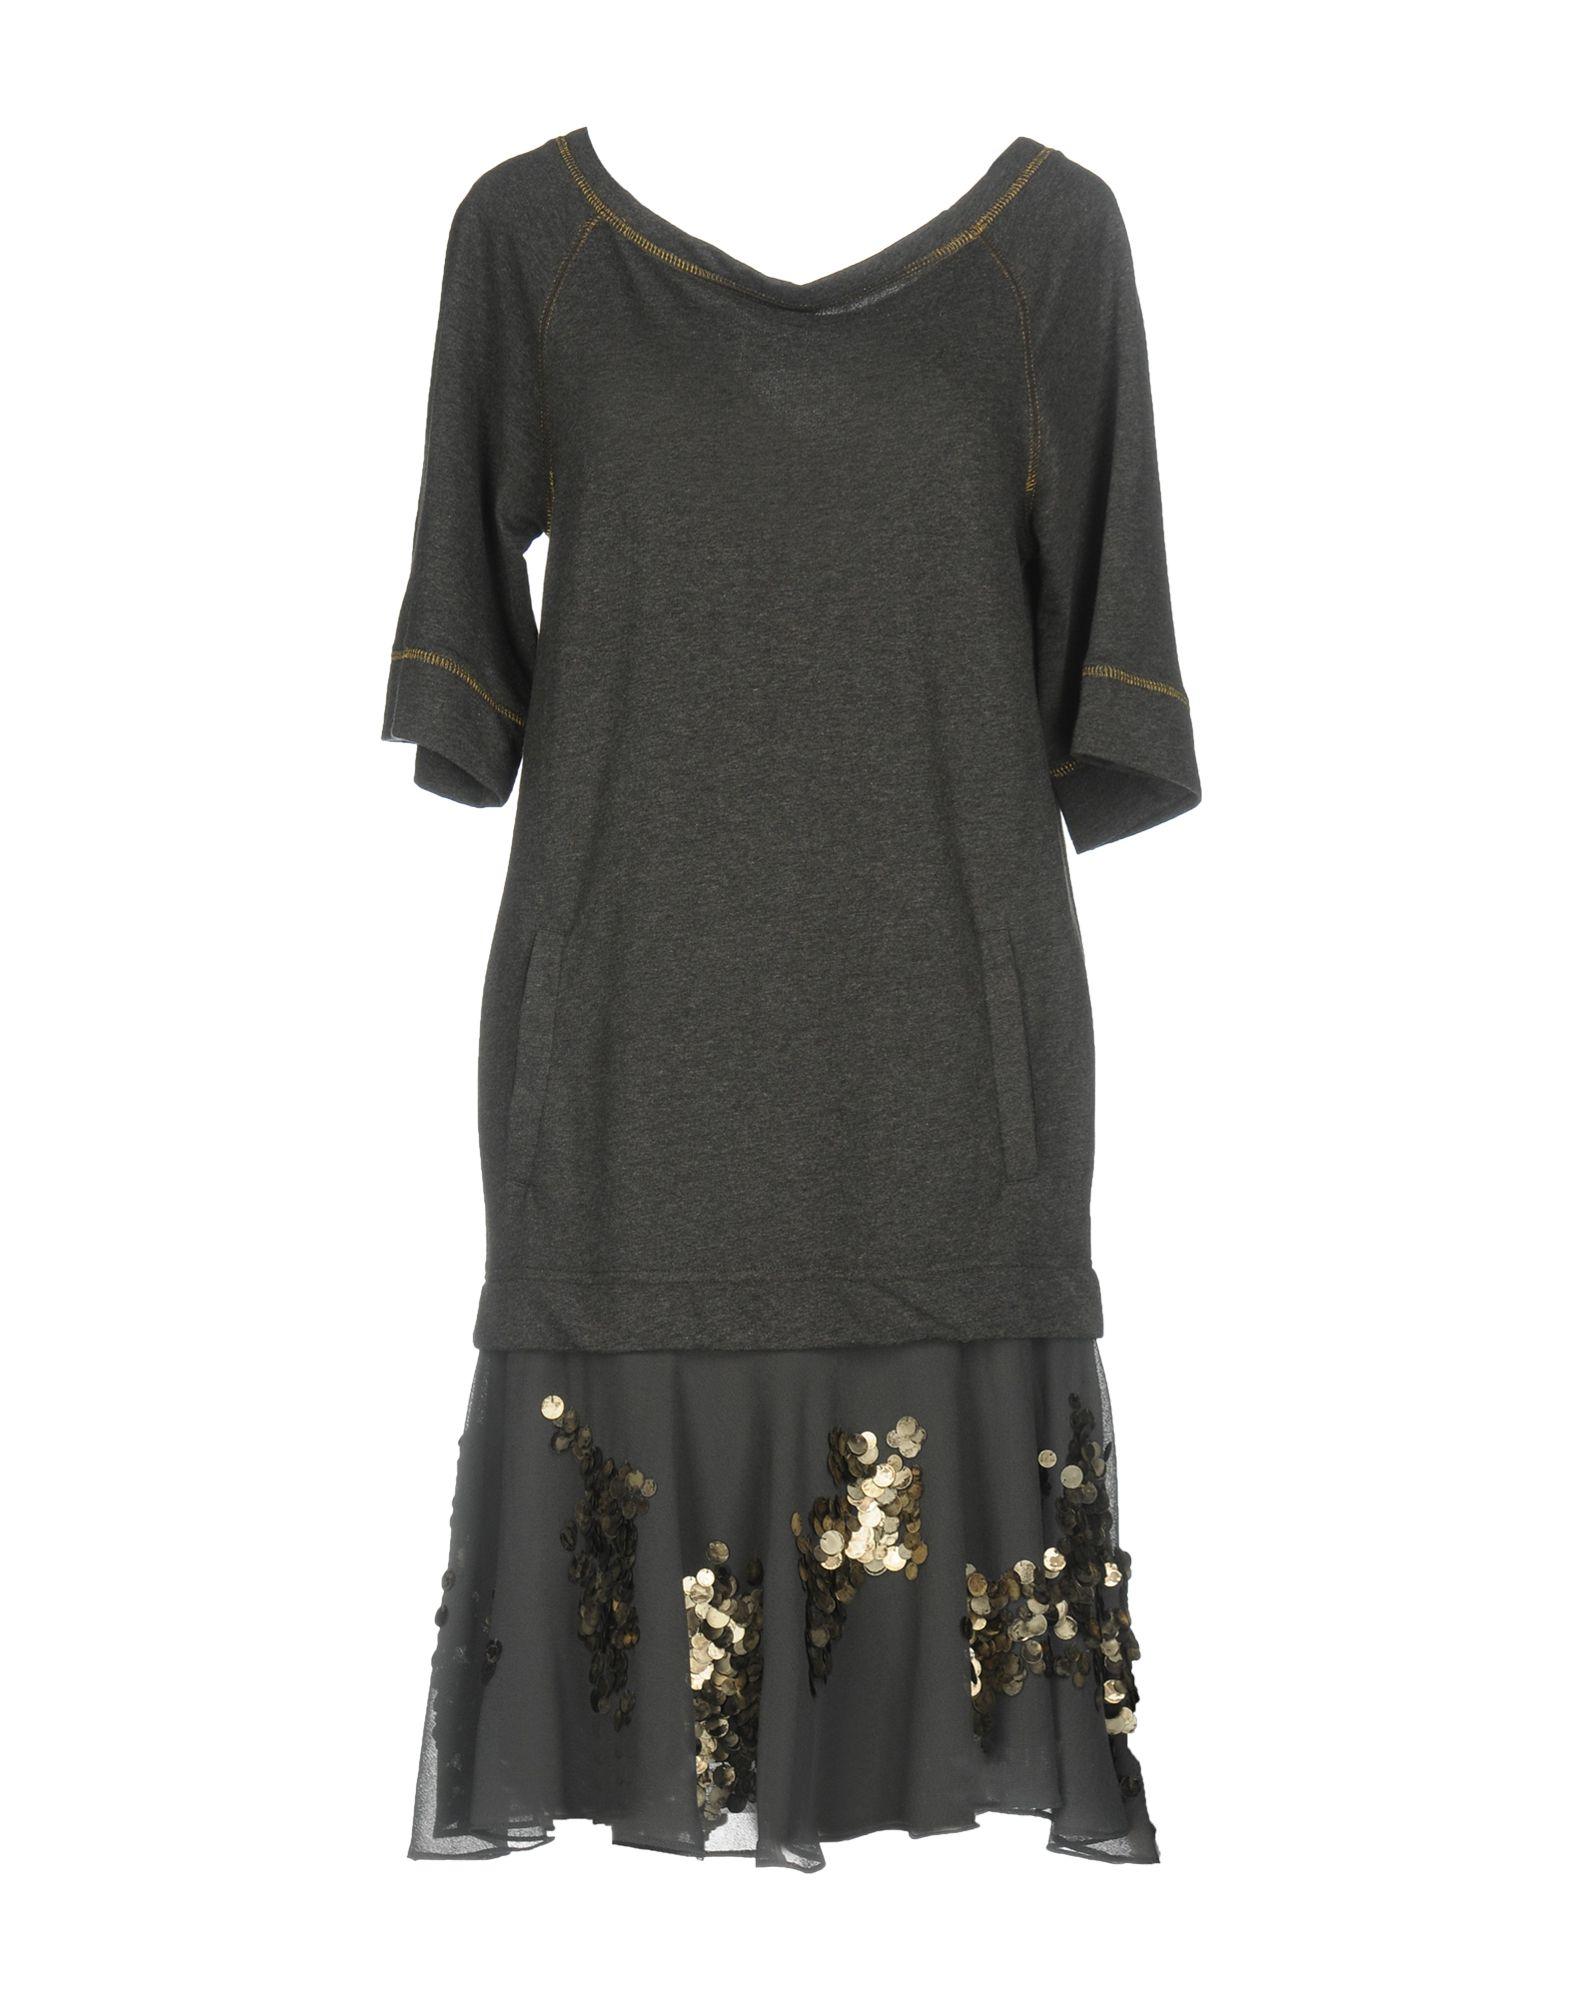 SISTE´ S Damen Kurzes Kleid Farbe Granitgrau Größe 5 jetztbilligerkaufen